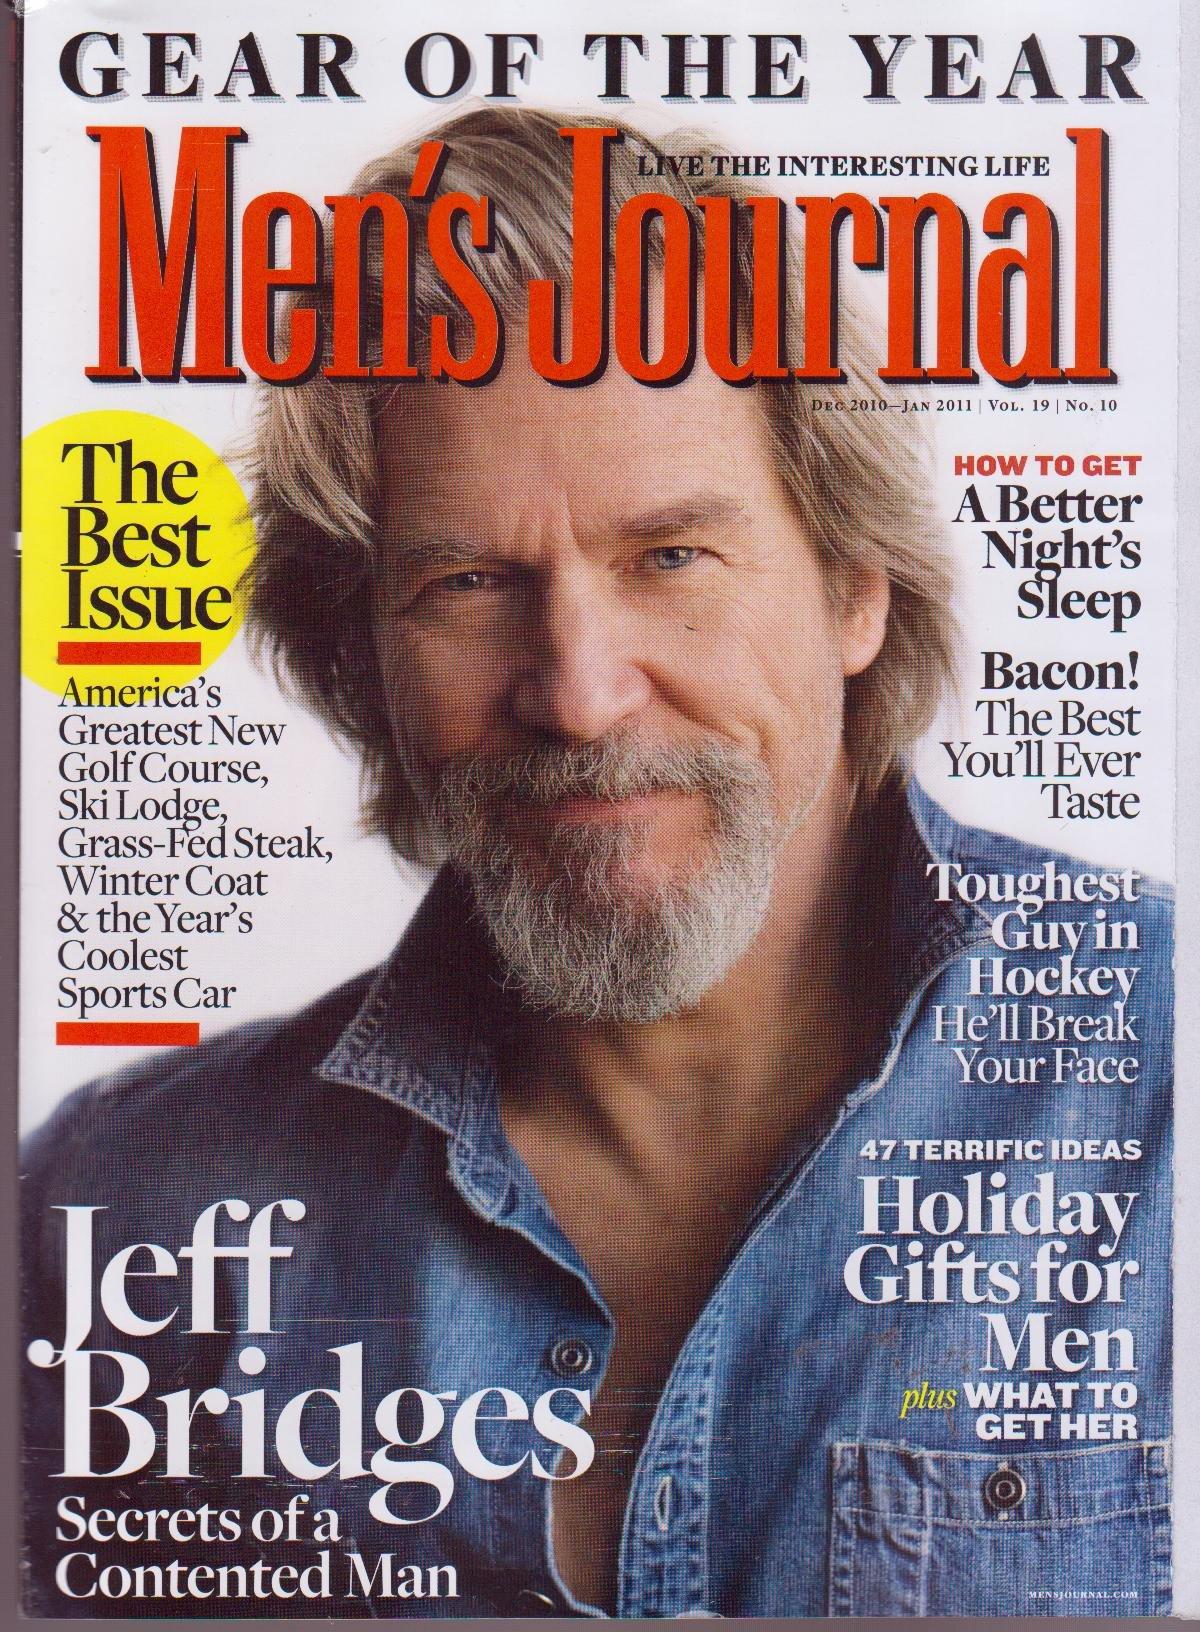 MEN'S JOURNAL Magazine (Dec 2010) Jeff Bridges : Secrets of a Contented Man PDF